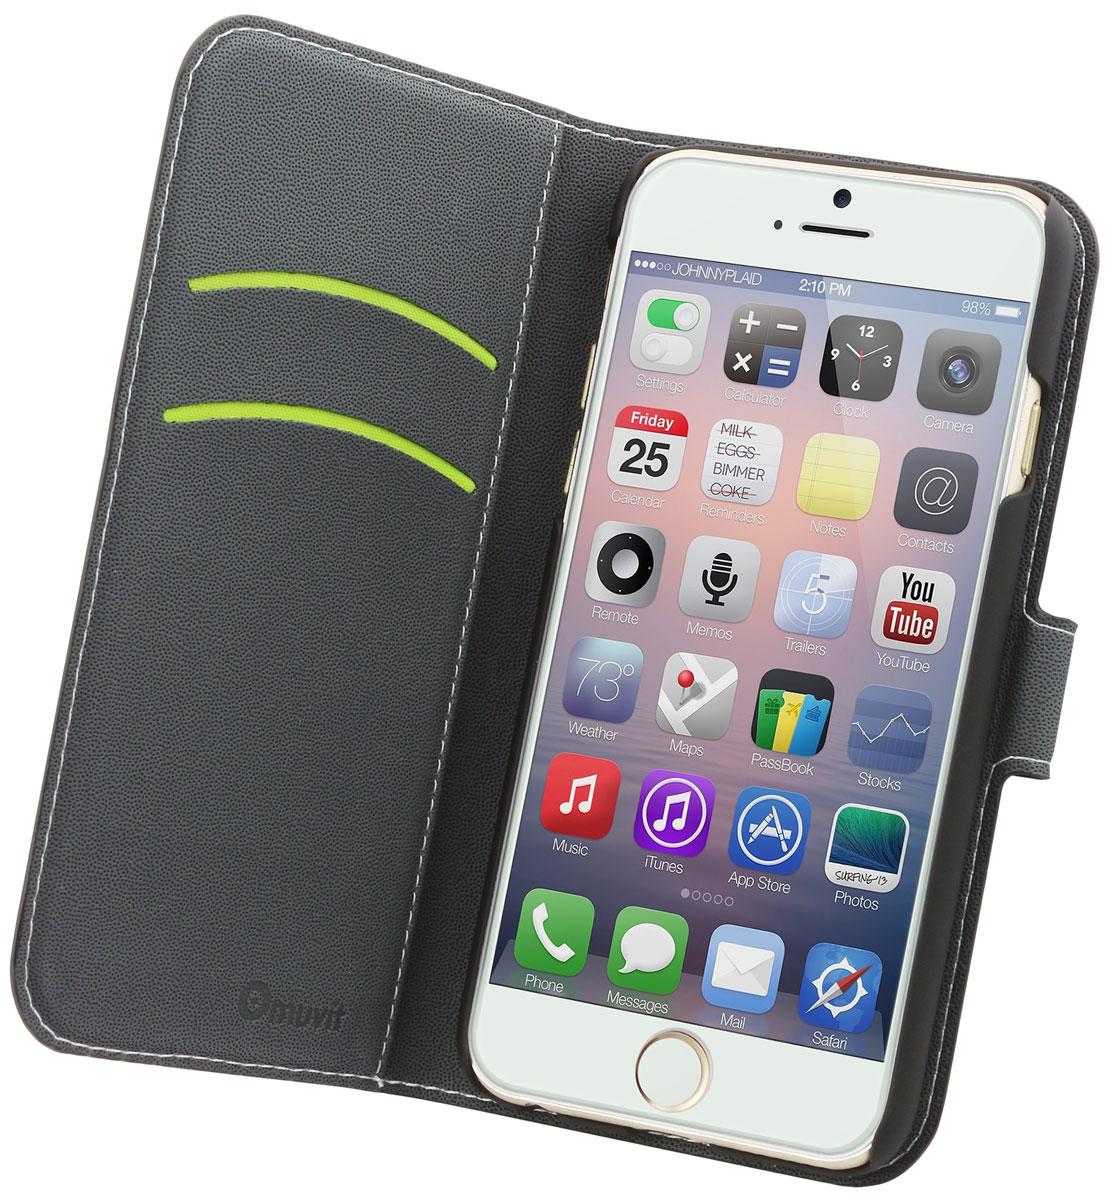 Muvit Wallet Folio Stand Case чехол для Apple Iphone 6/6S, BlackMUSNS0048Чехол-книжка Muvit Wallet Folio Stand Case для Apple iPhone 6/6s обеспечивает надежную защиту корпуса и экрана смартфона от механических повреждений и надолго сохраняет его привлекательный внешний вид. Выполнена из высококачественного материала, плотно прилегает и не скользит в руках. Чехол также обеспечивает свободный доступ ко всем разъемам и клавишам устройства.